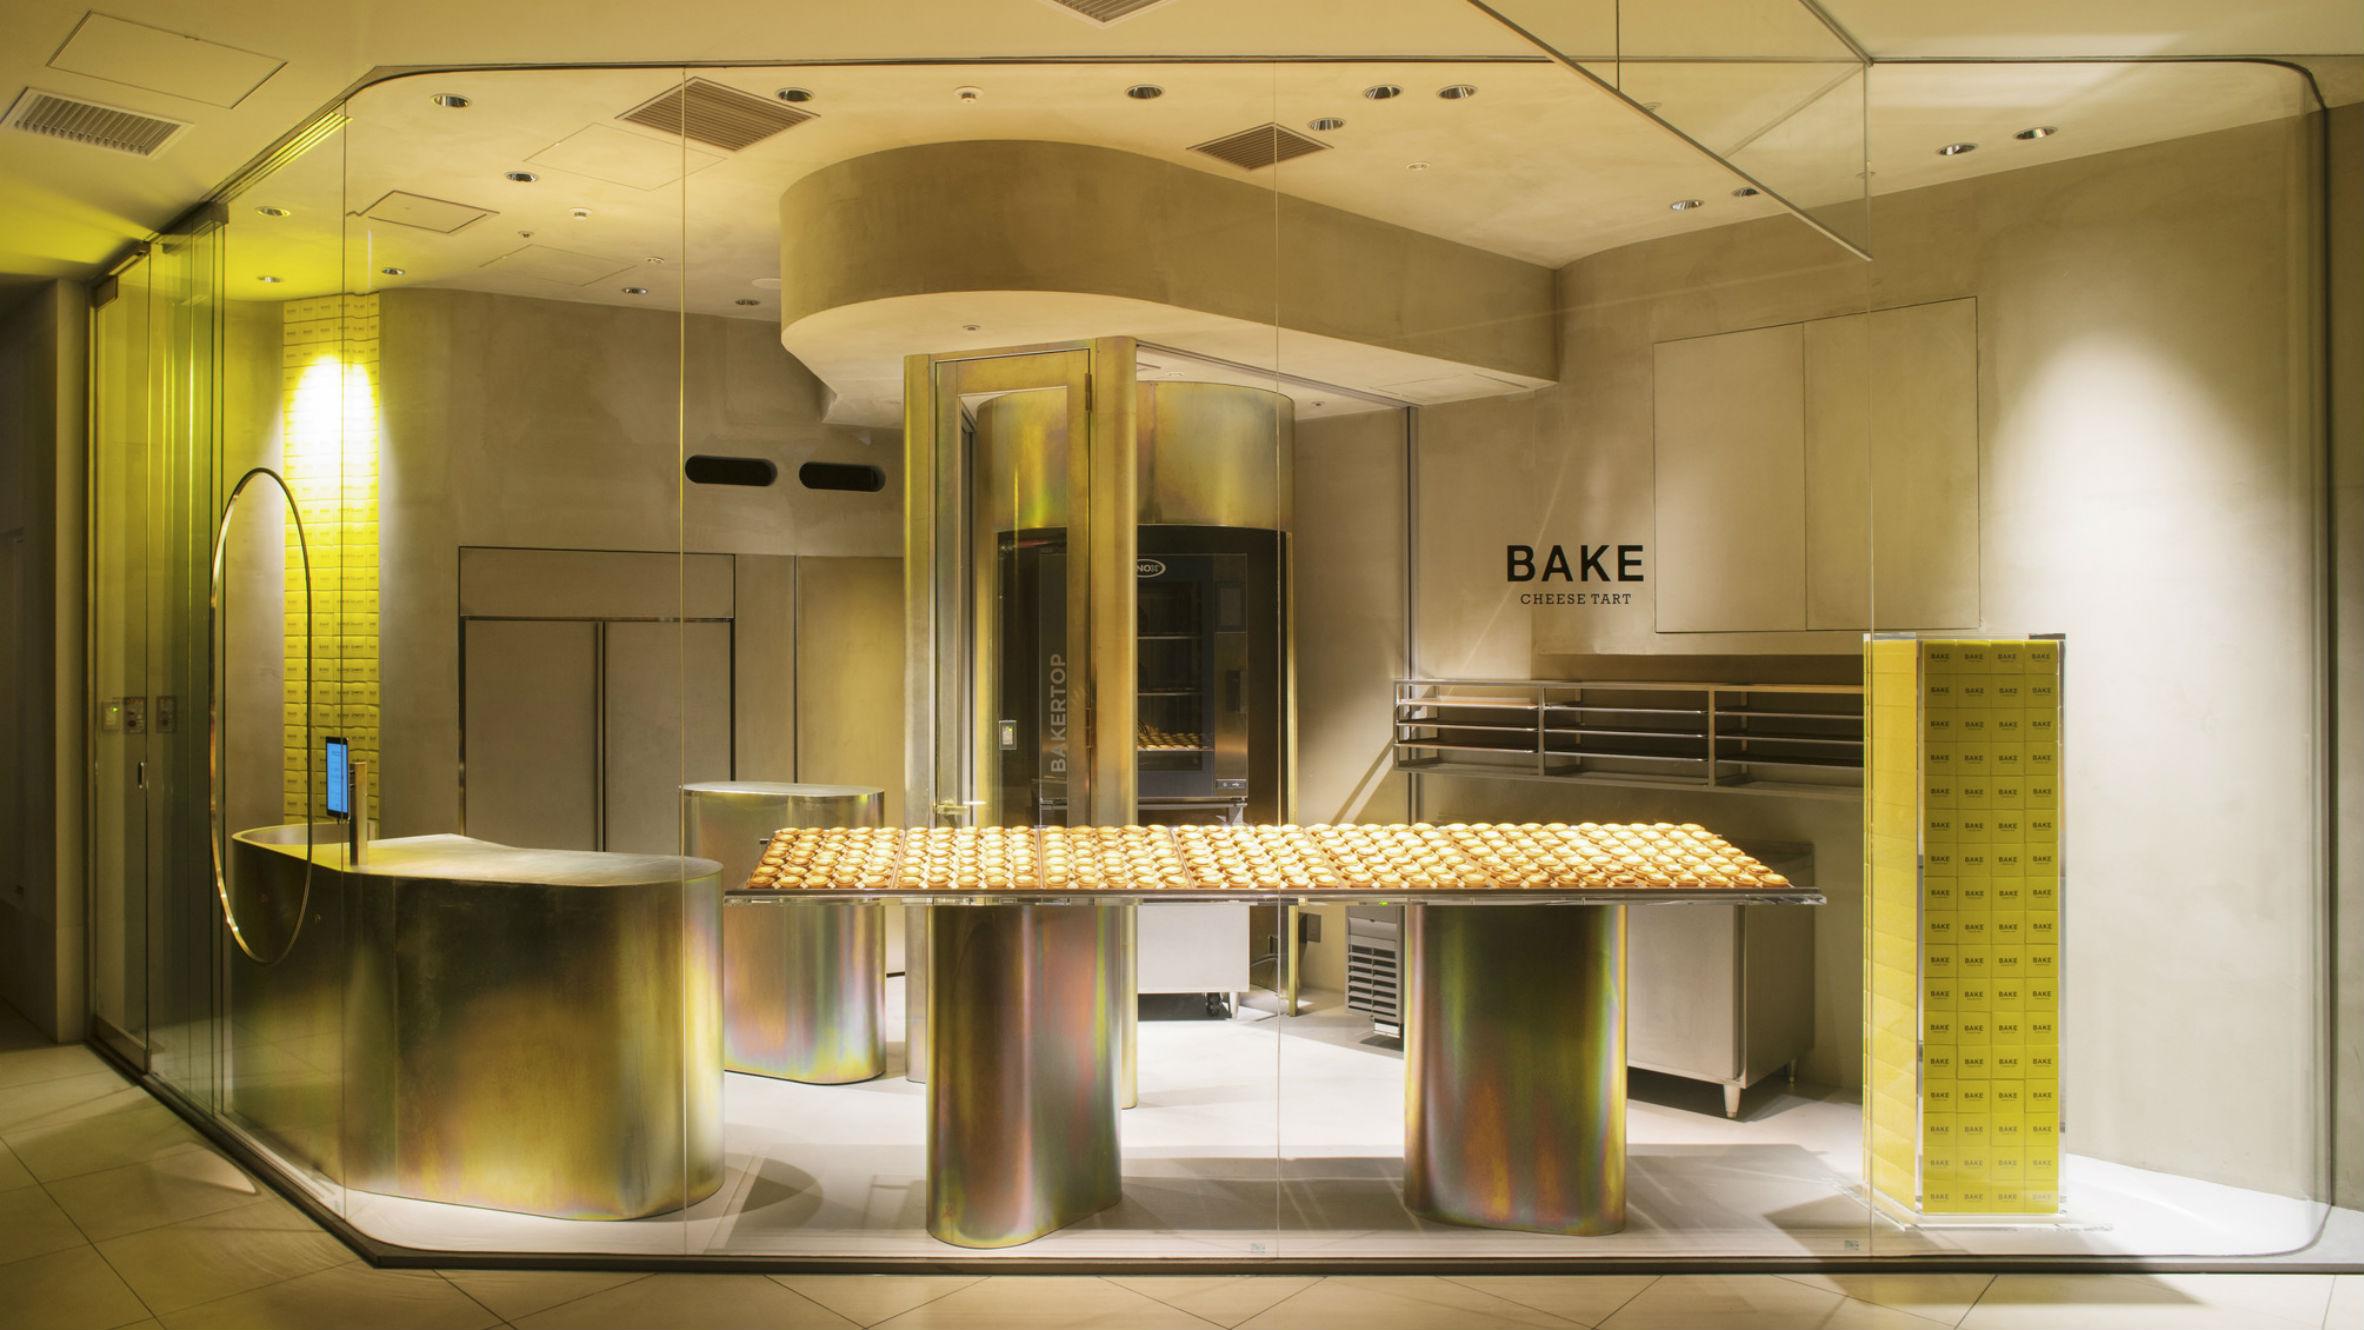 Bake Cheese Tart Shop, Abeno-Ku, Japan, Fumitaka Suzuki from Yagyug Douguten